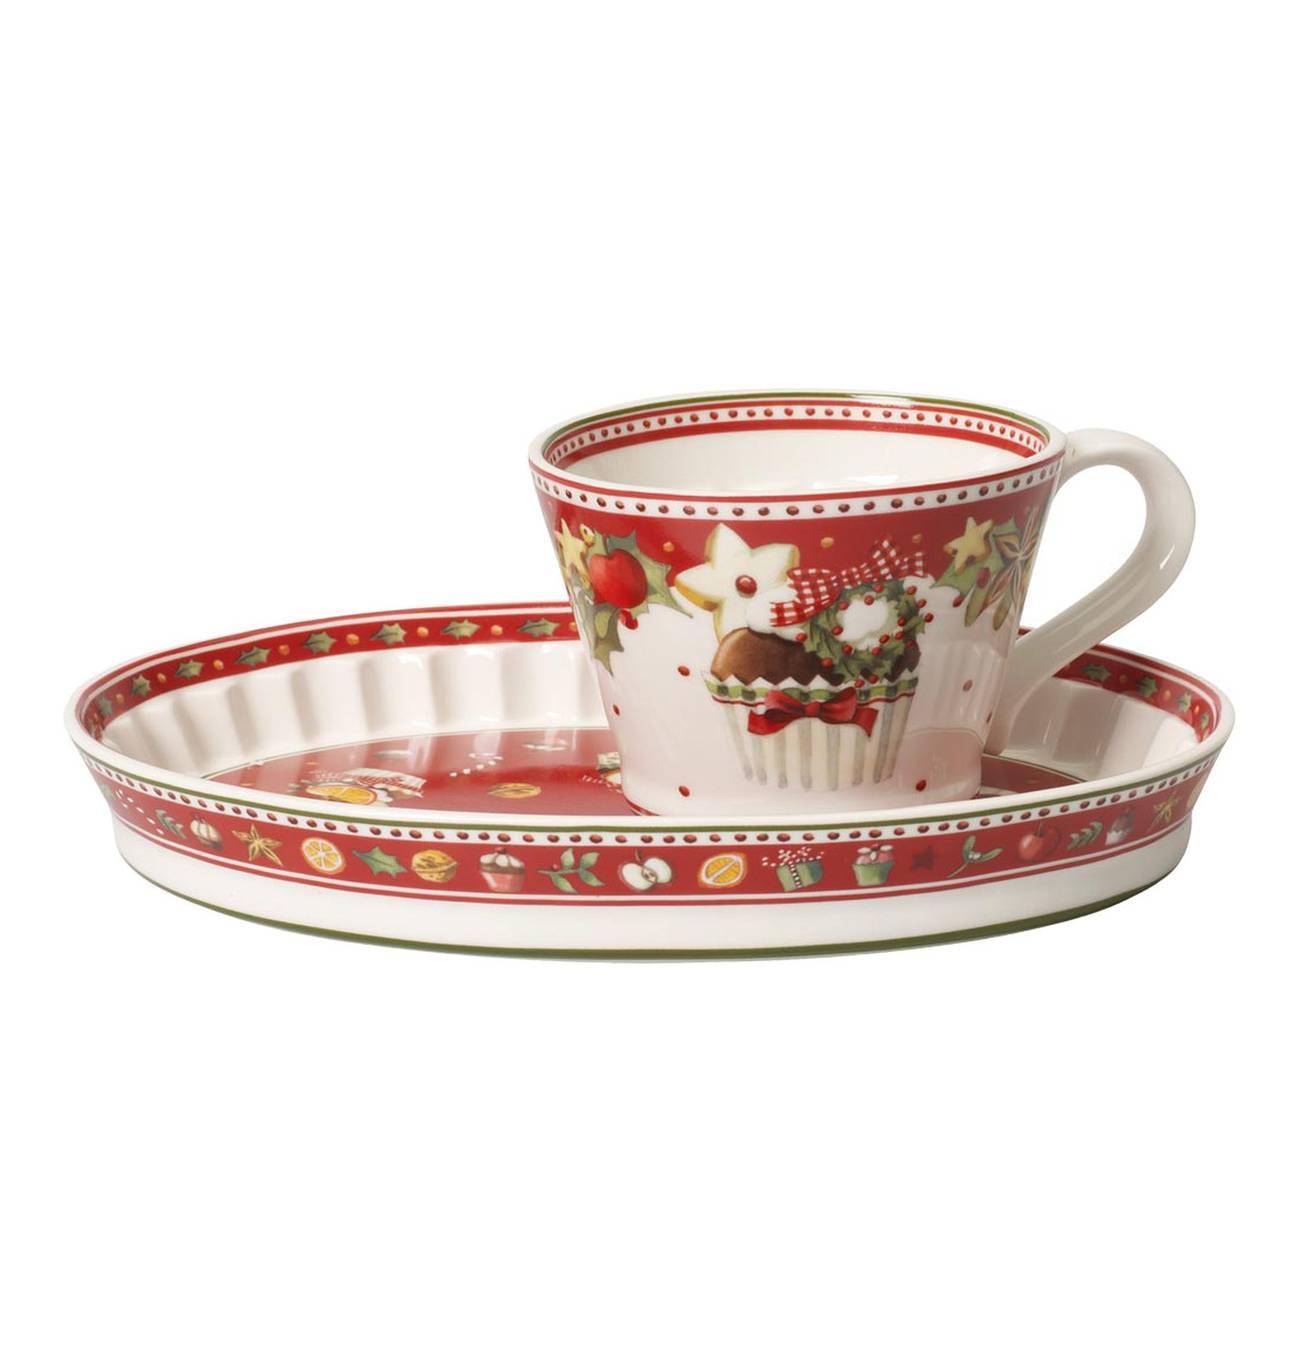 Pin Von Evelina Winter Auf Villeroy Boch Christmas Geschirr Weihnachten Weihnachtstee Weihnachten China